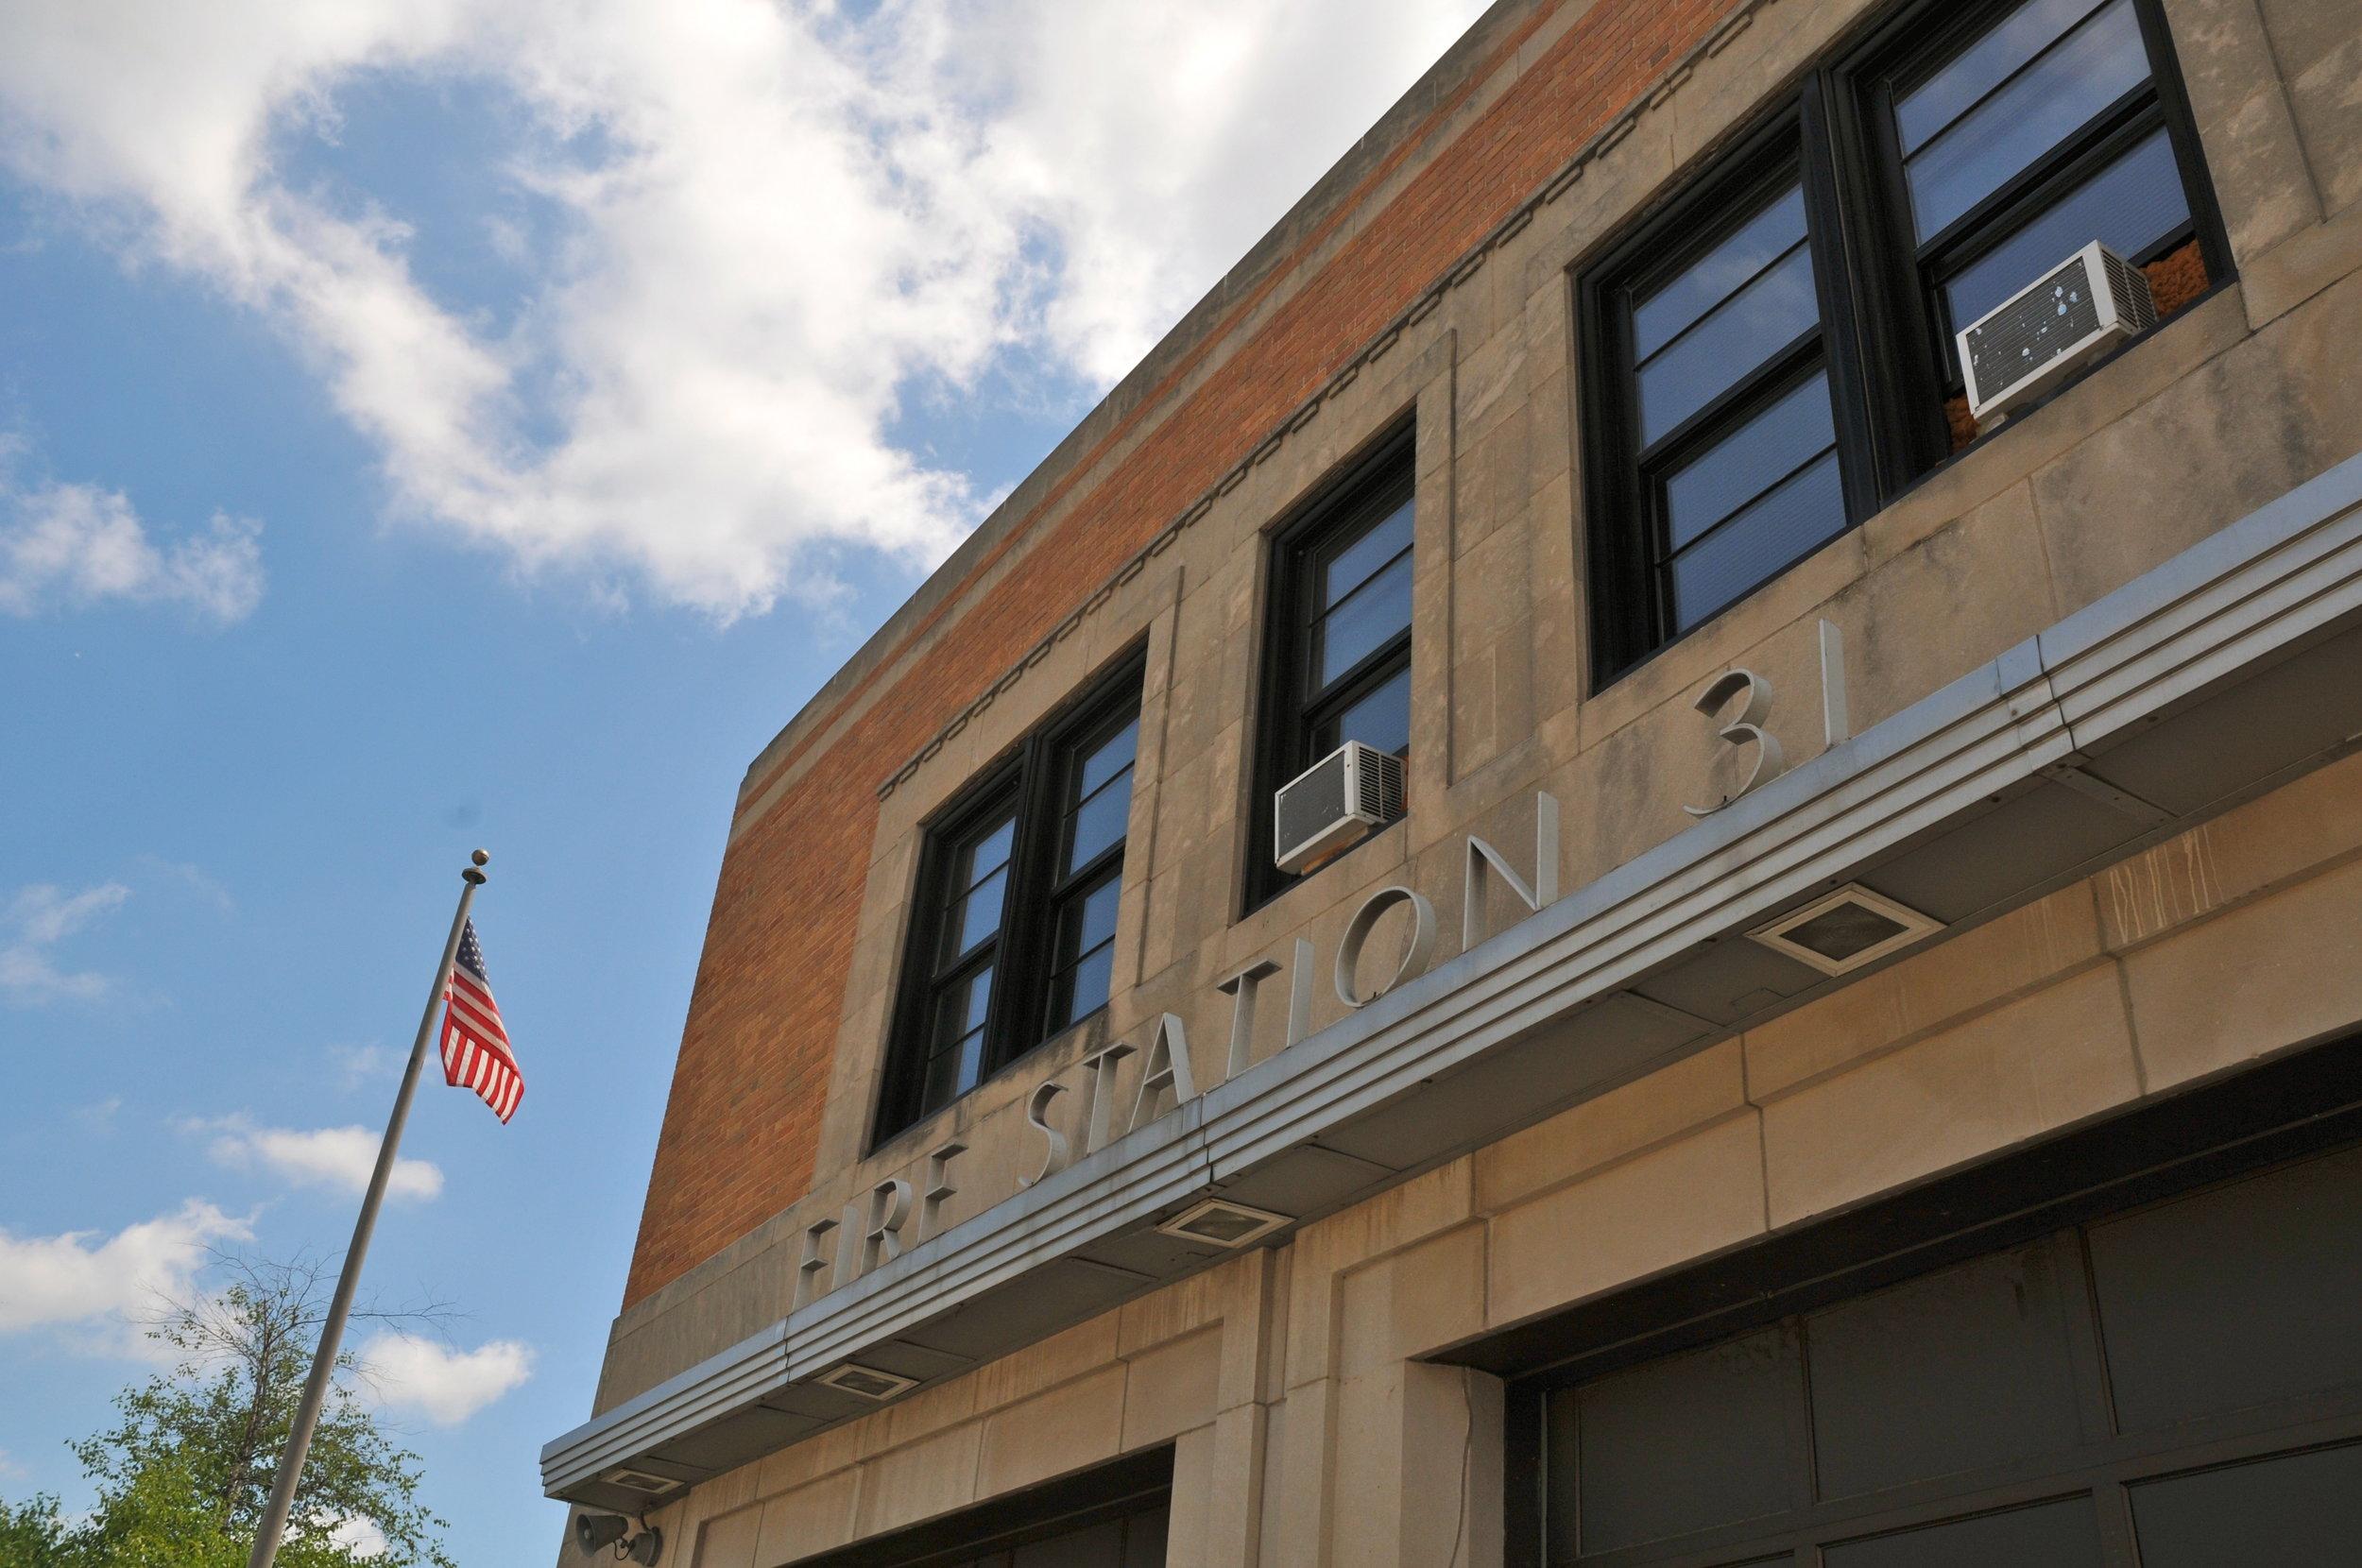 Firehouse #31 - St. Louis Hills